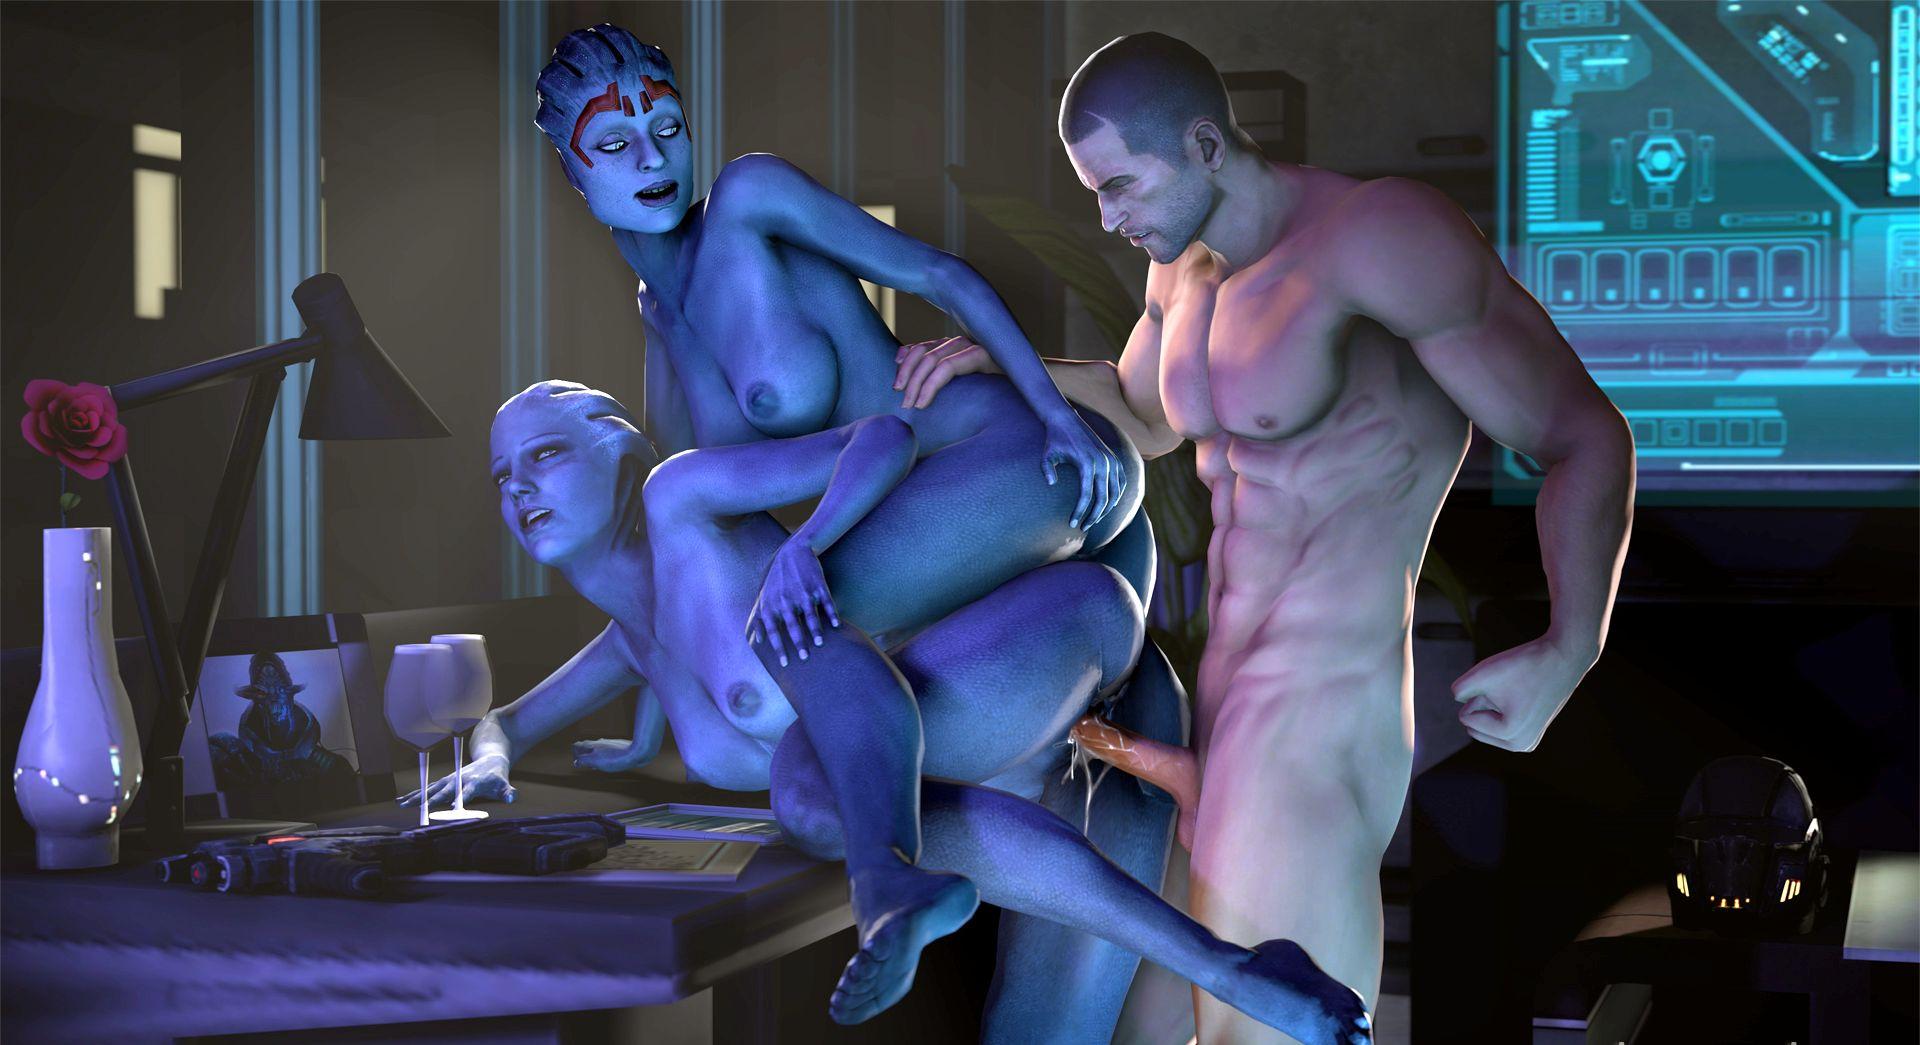 Секс Азари с Шепардом Mass Effect порно игра